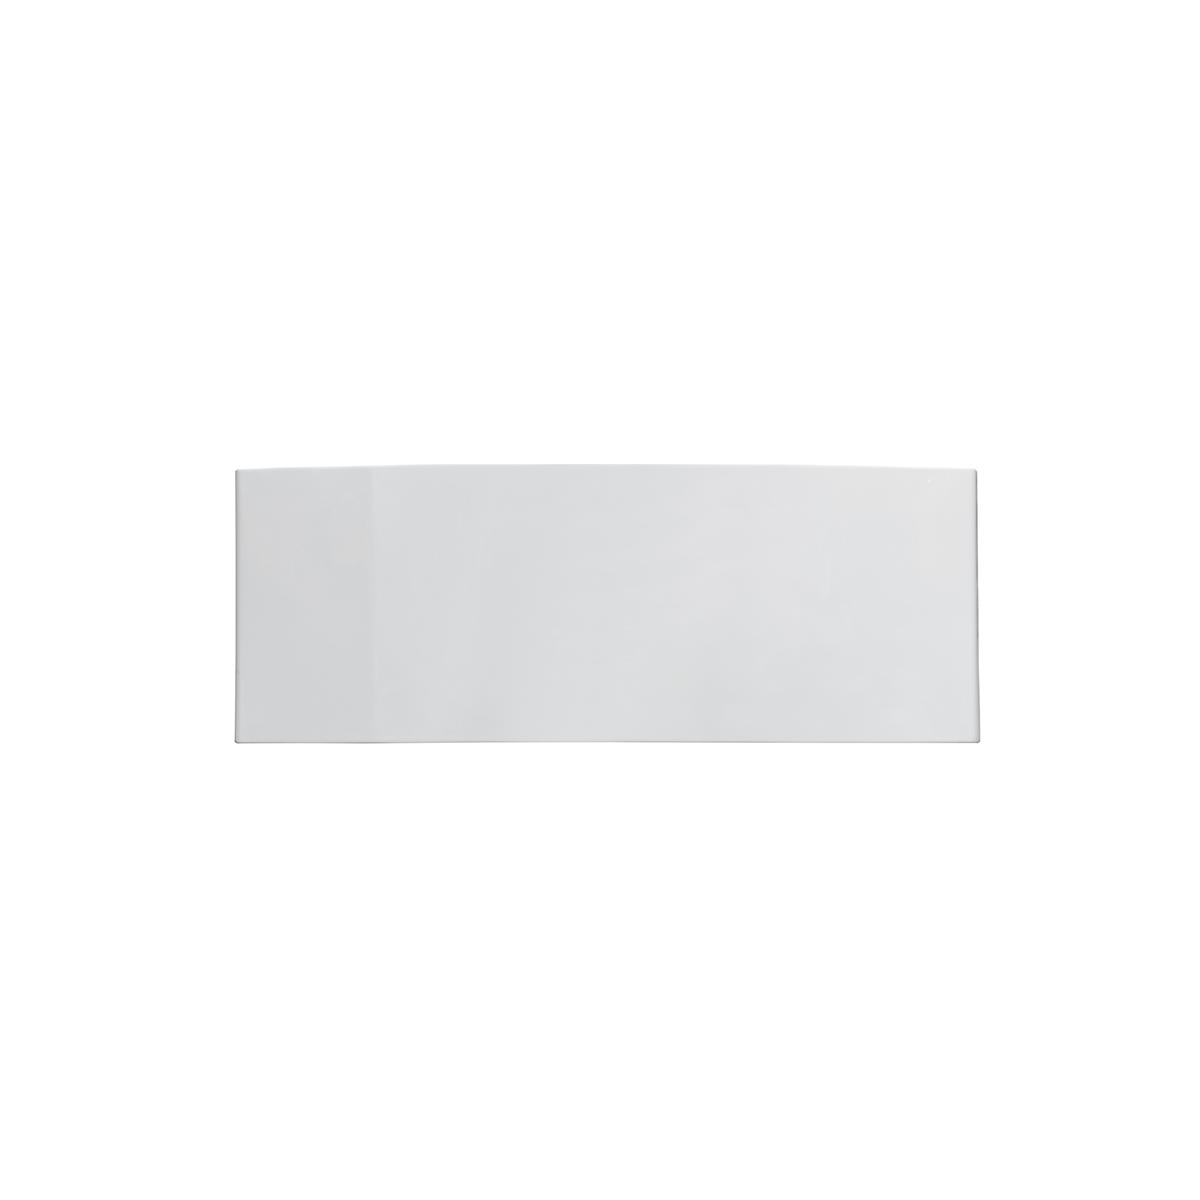 Панель фронтальная для акриловой ванны Roca Hall Angular 150x100 правая ZRU9302867 панель фронтальная для ванны акриловой cersanit 140см универсальная